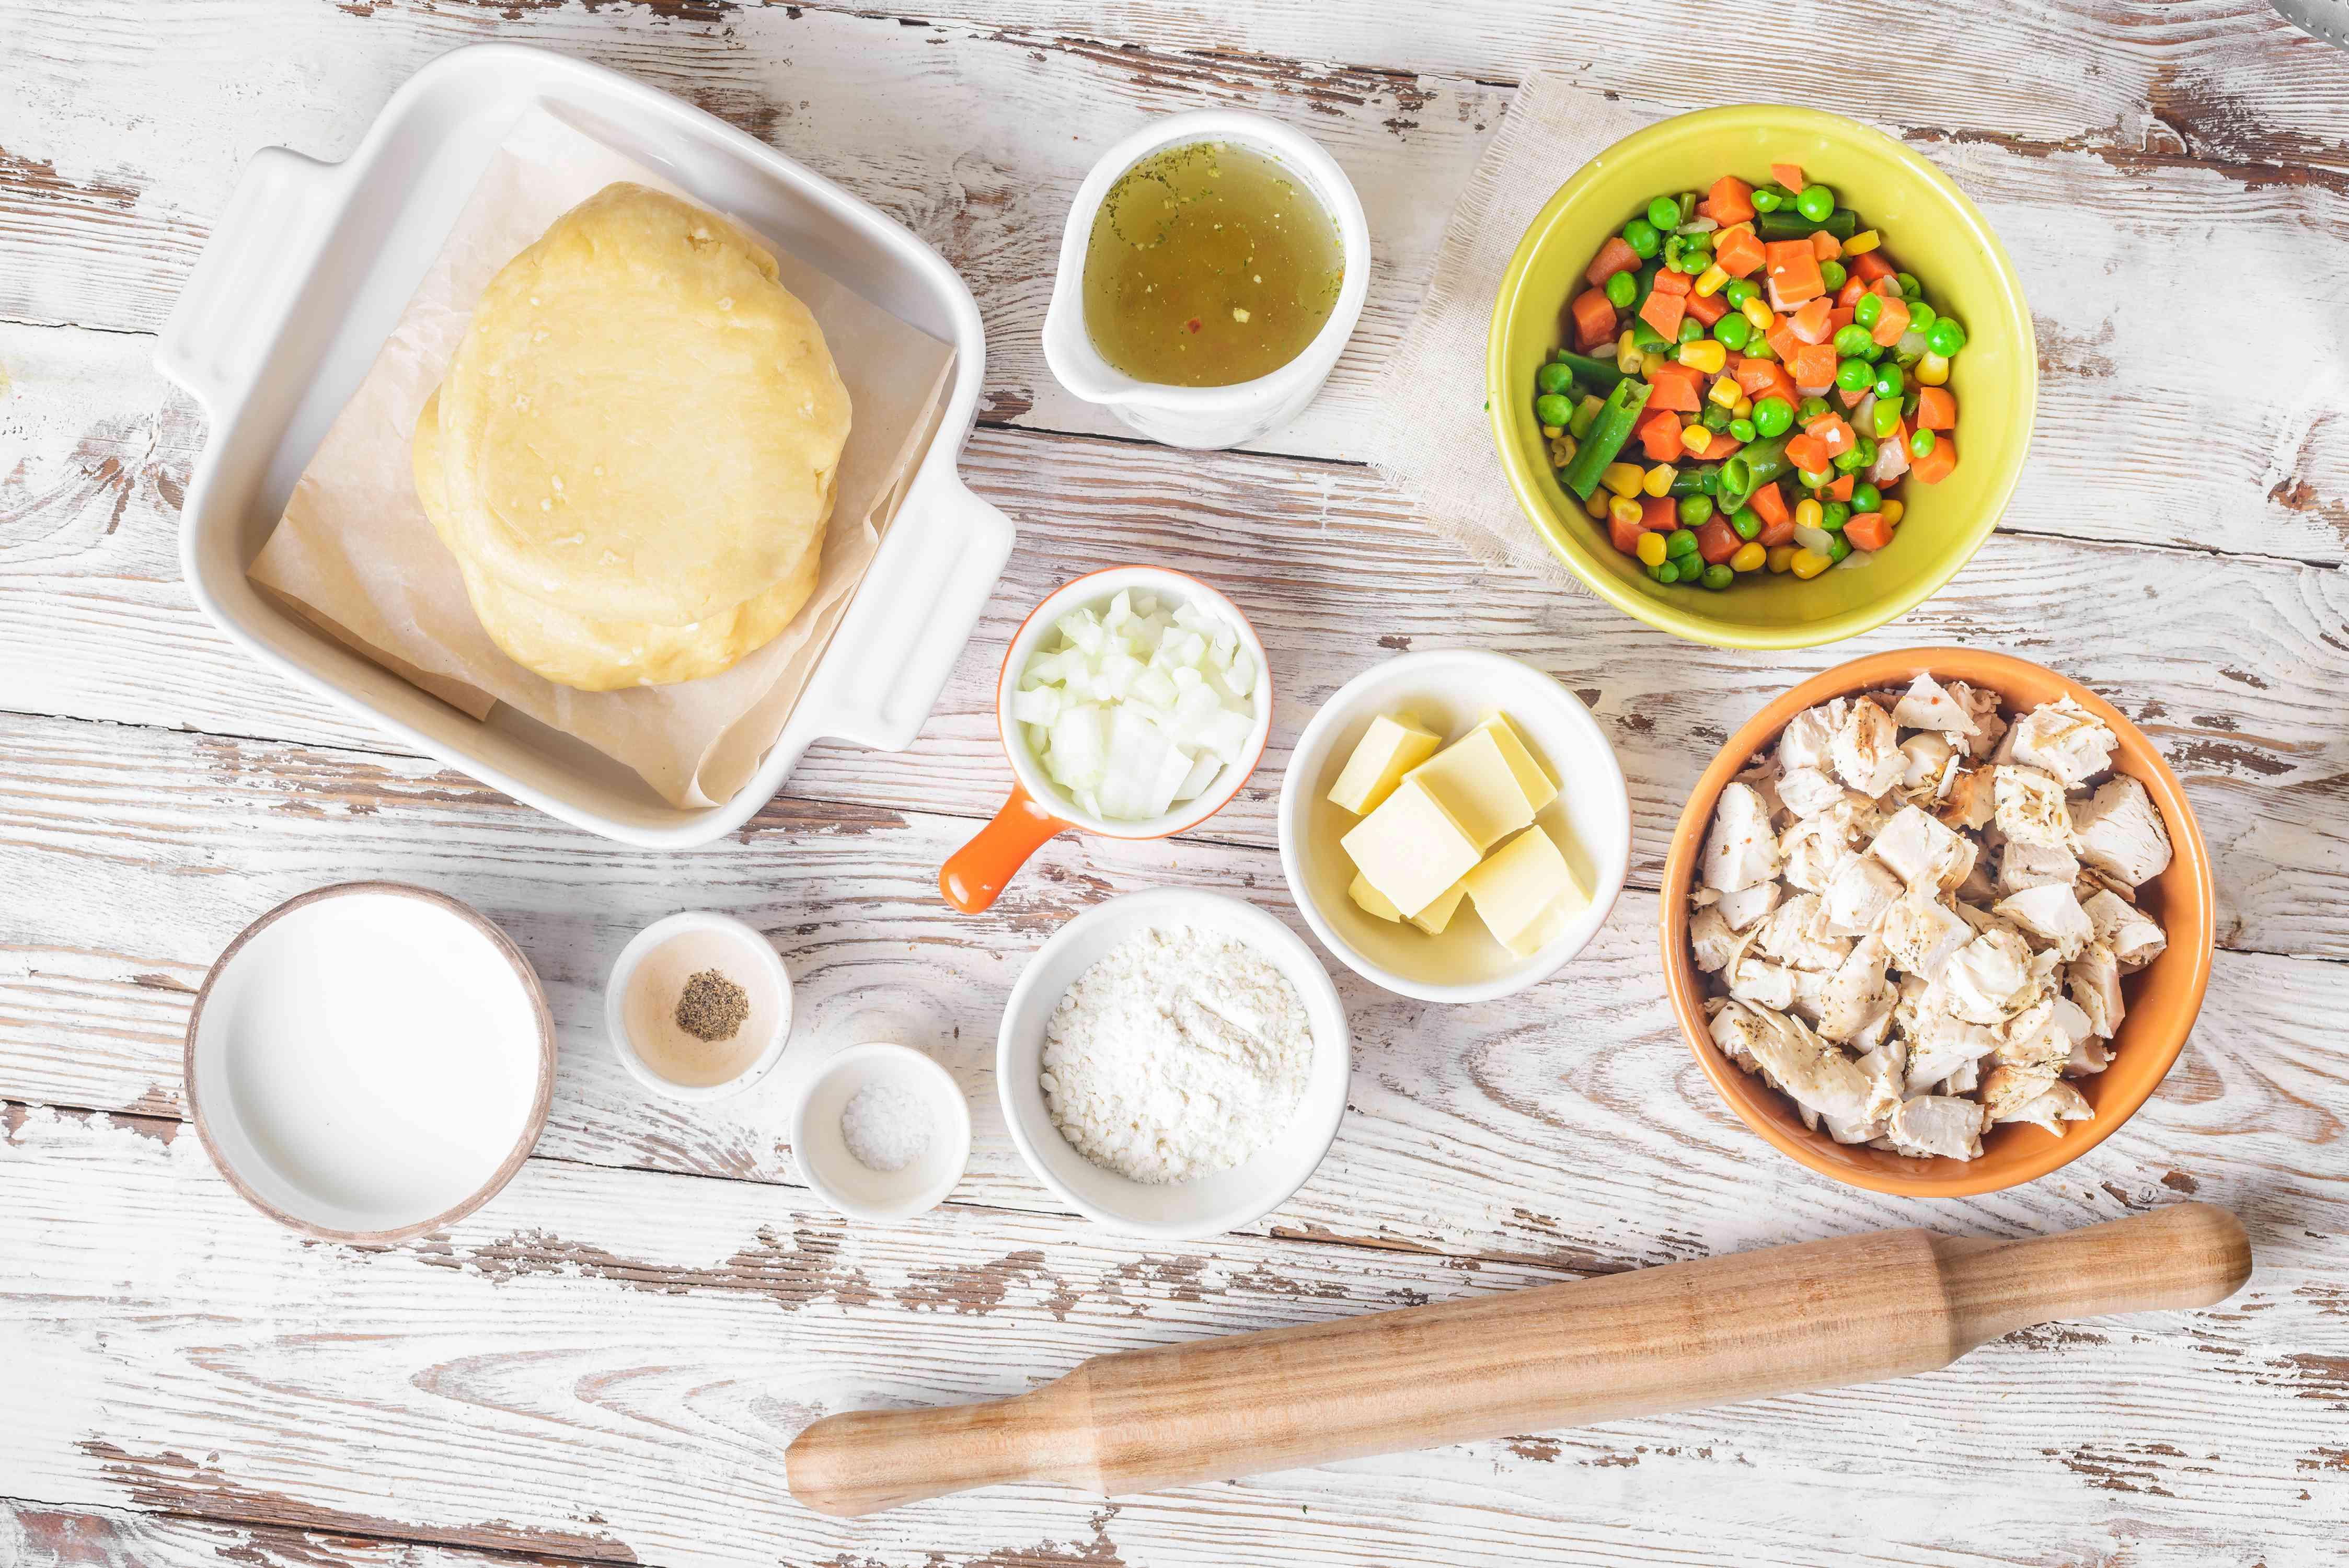 Ingredients for turkey pot pie